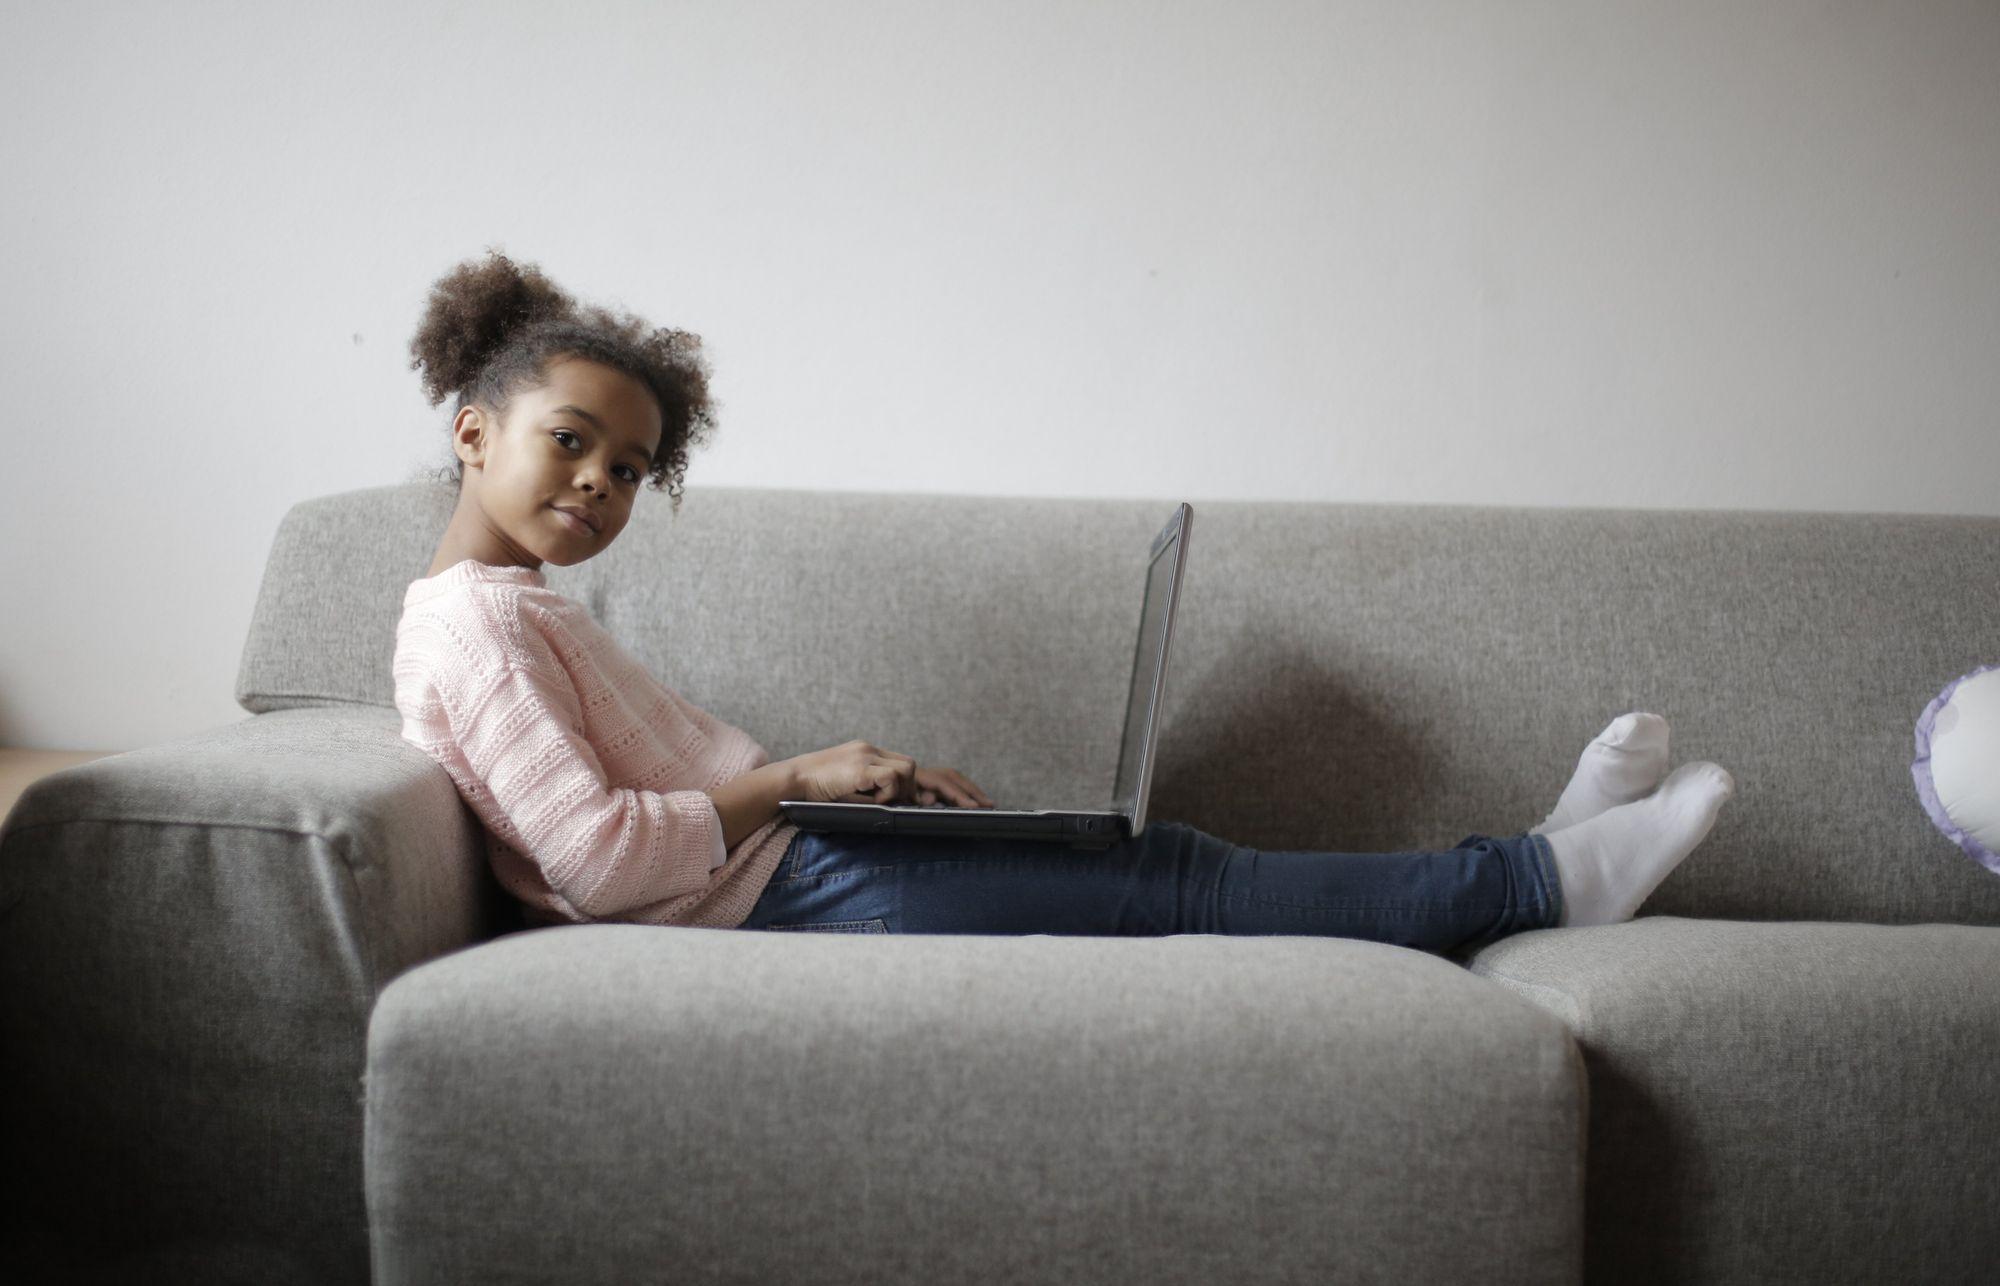 Petite fille aux cheveux frisés assise sur un canapé avec un ordinateur portable sur les genoux pour illustrer la facilité de partager des choses en ligne sur Internet